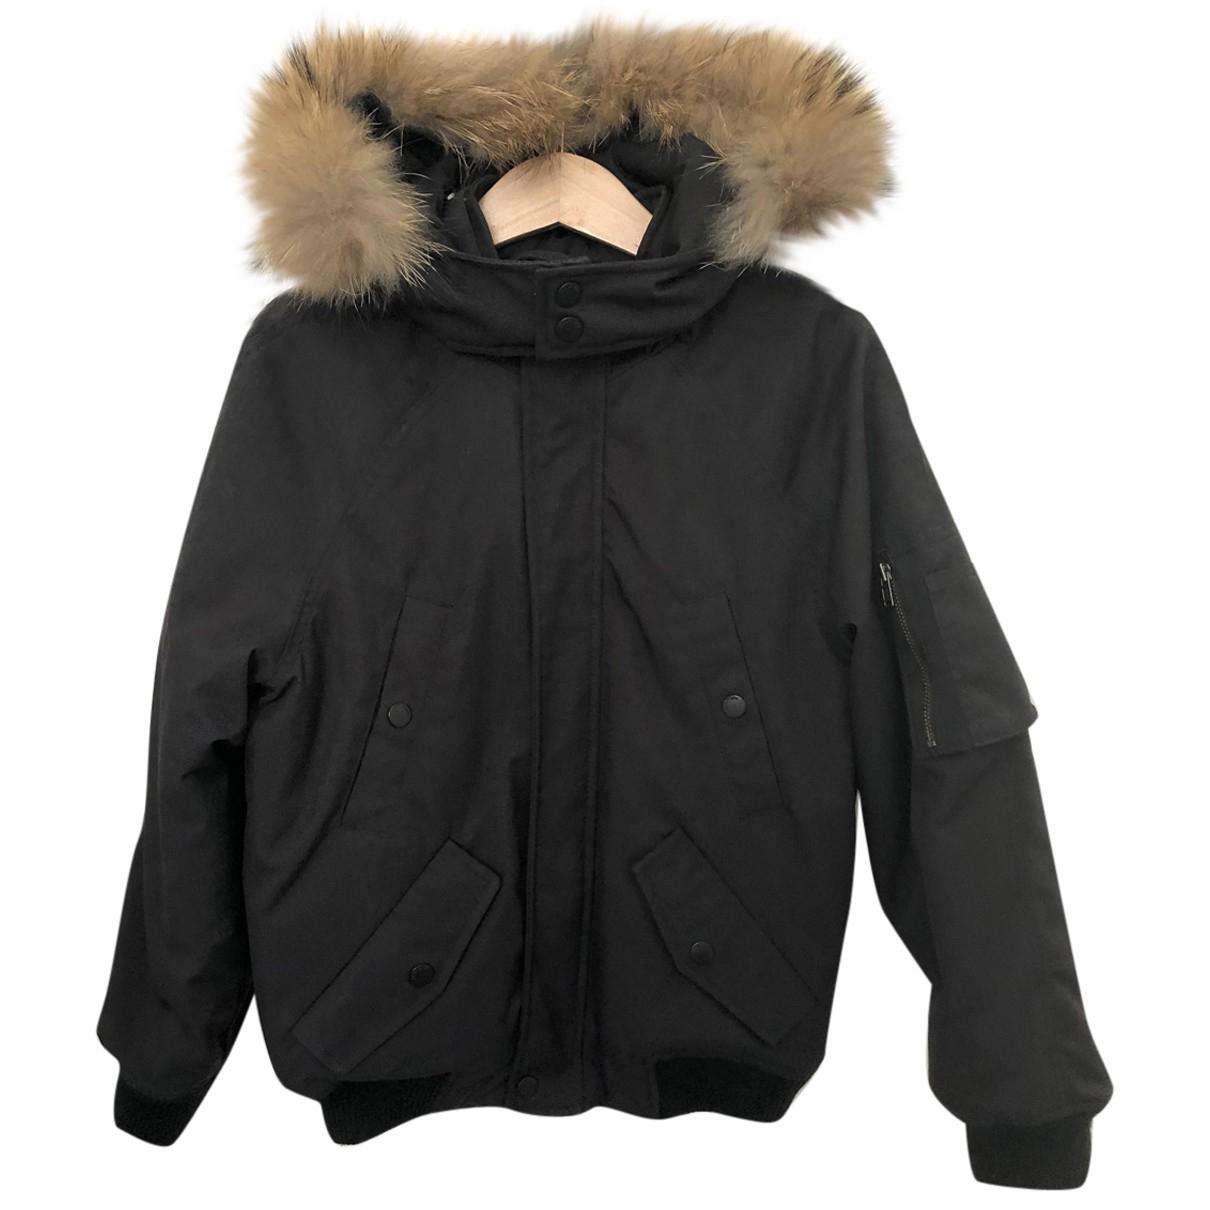 Bonpoint - Blousons.Manteaux   pour enfant - noir